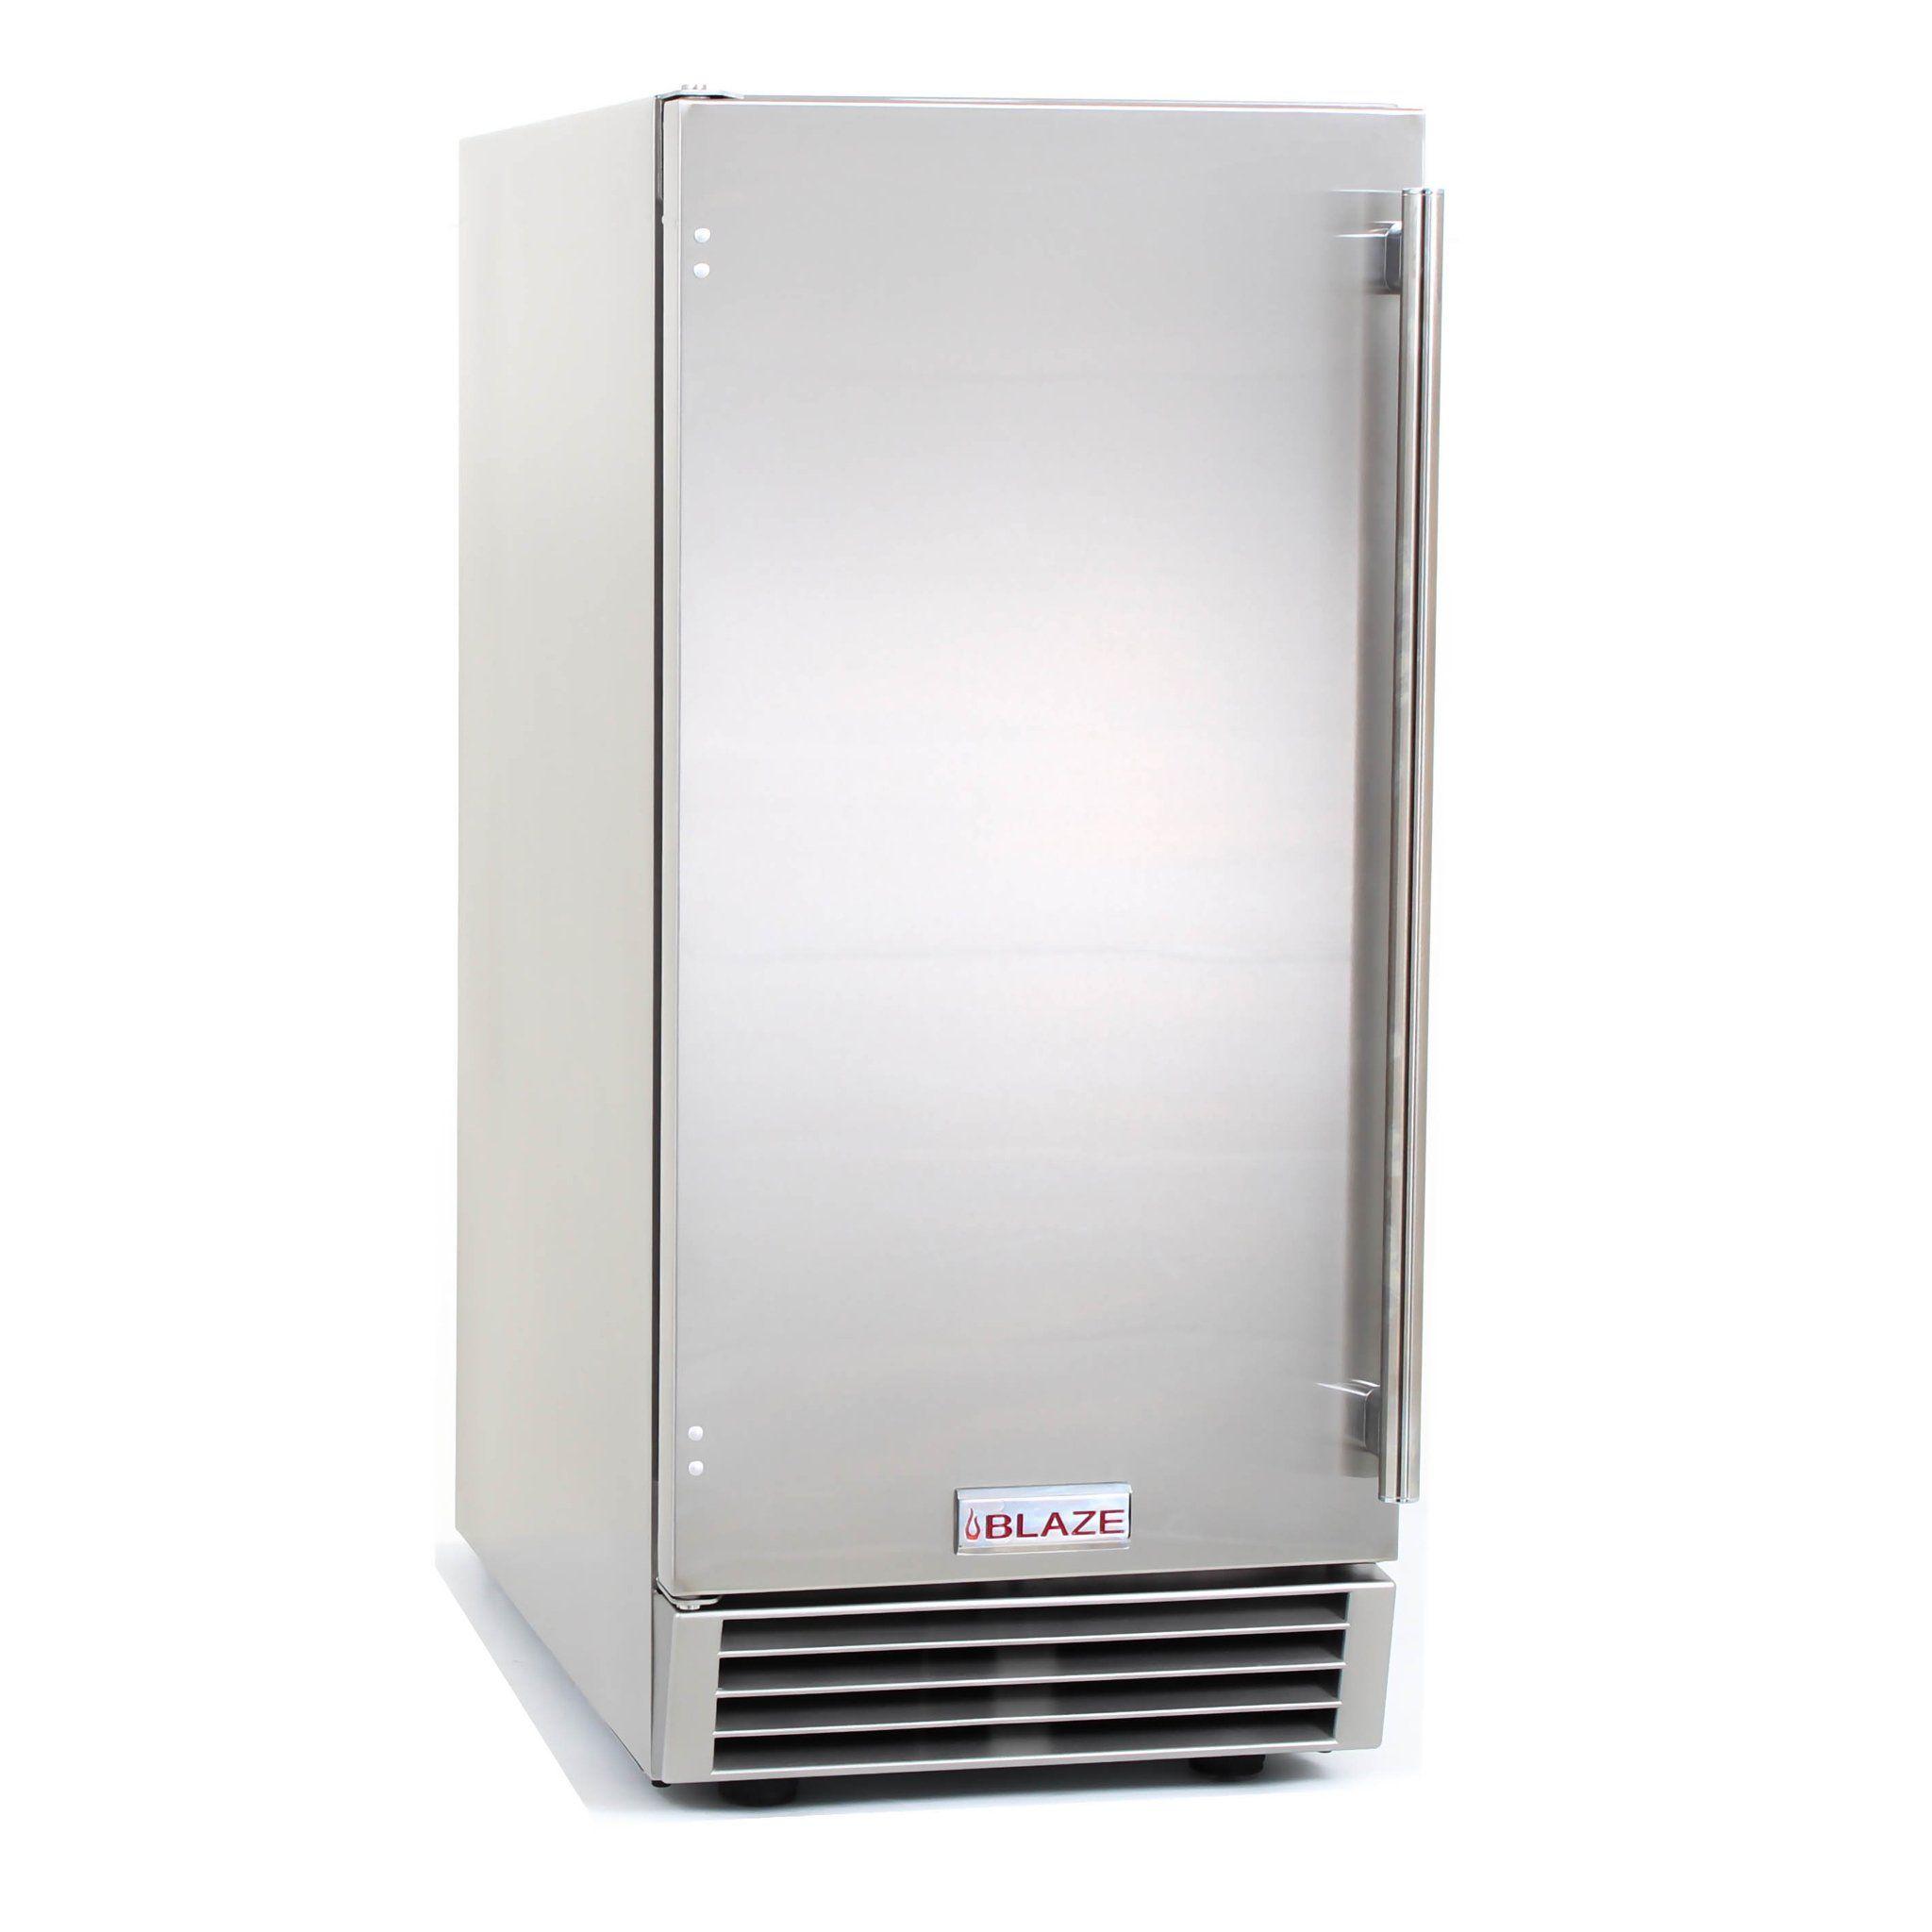 15 Blaze 50 Lb Outdoor Ice Maker Outdoor Kitchen Appliances Outdoor Kitchen Bars Ice Maker